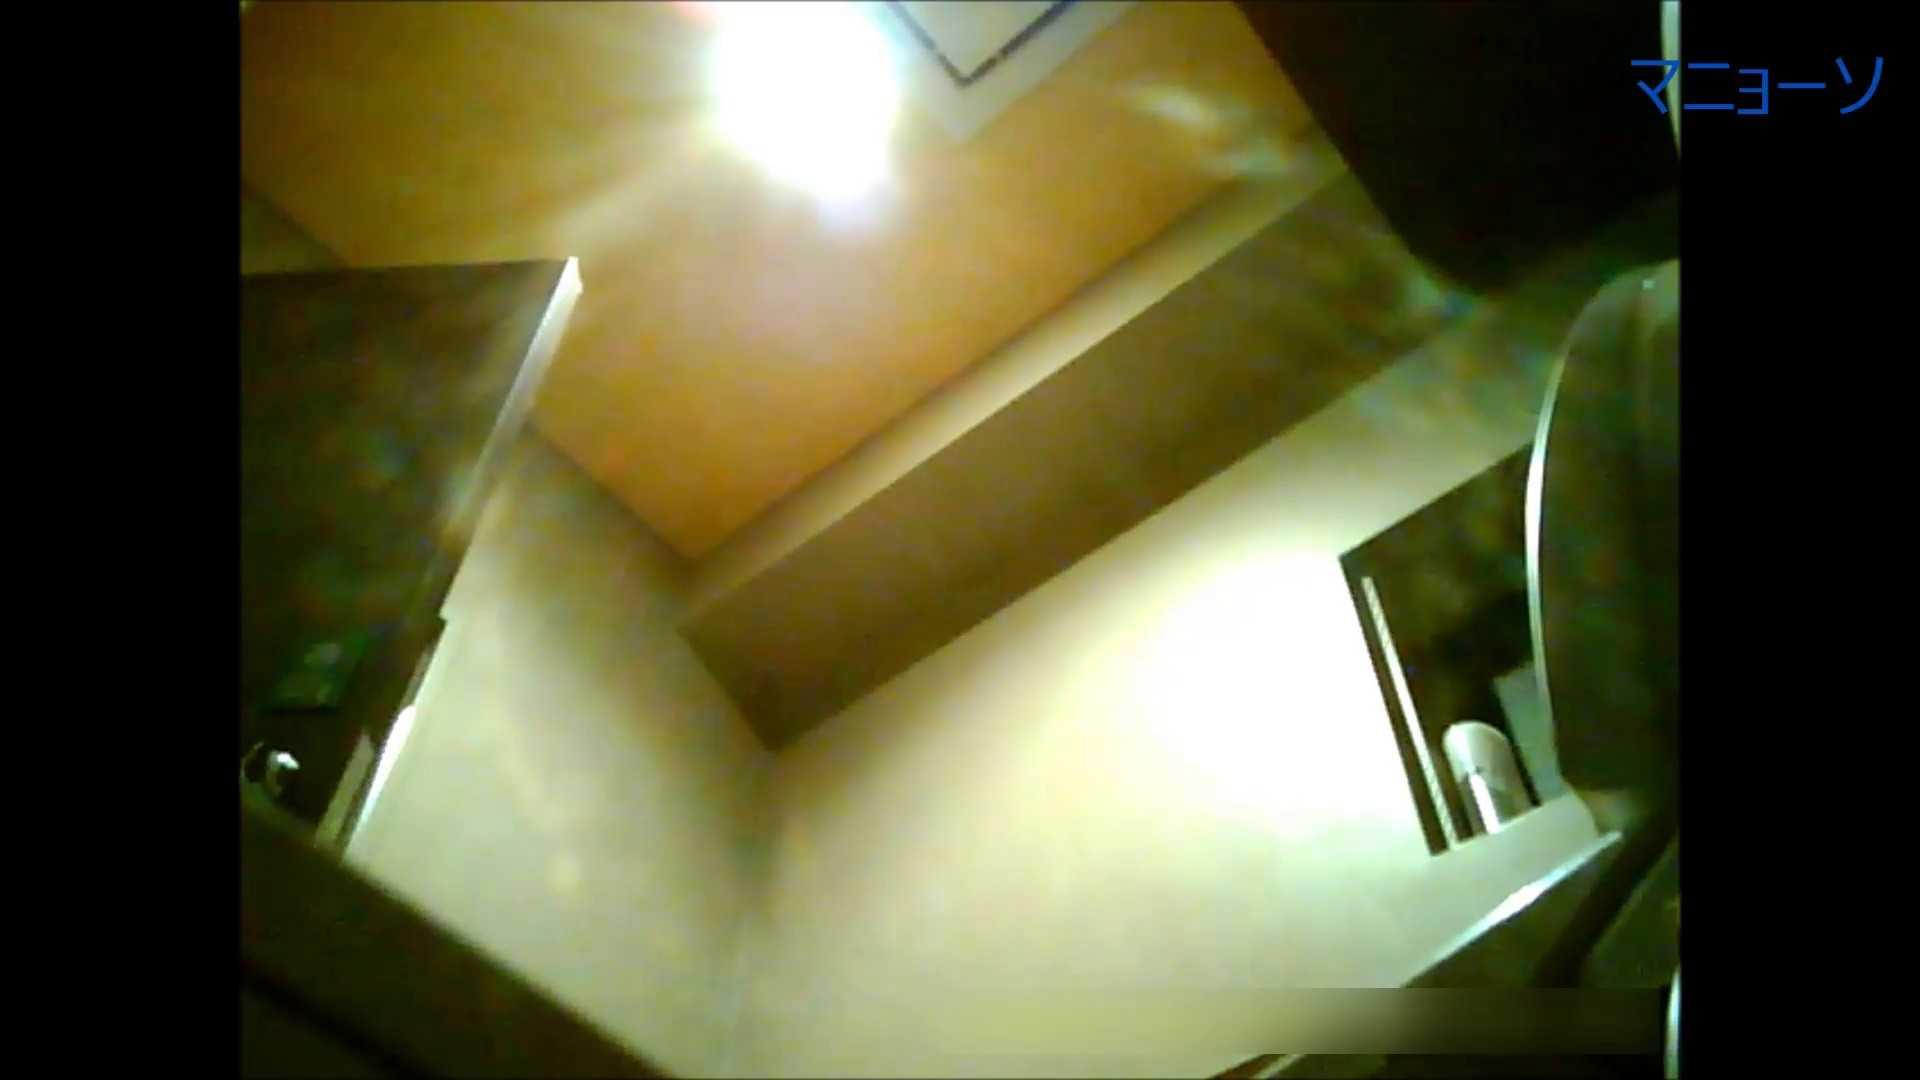 トイレでひと肌脱いでもらいました (JD編)Vol.01 トイレ盗撮  97枚 86